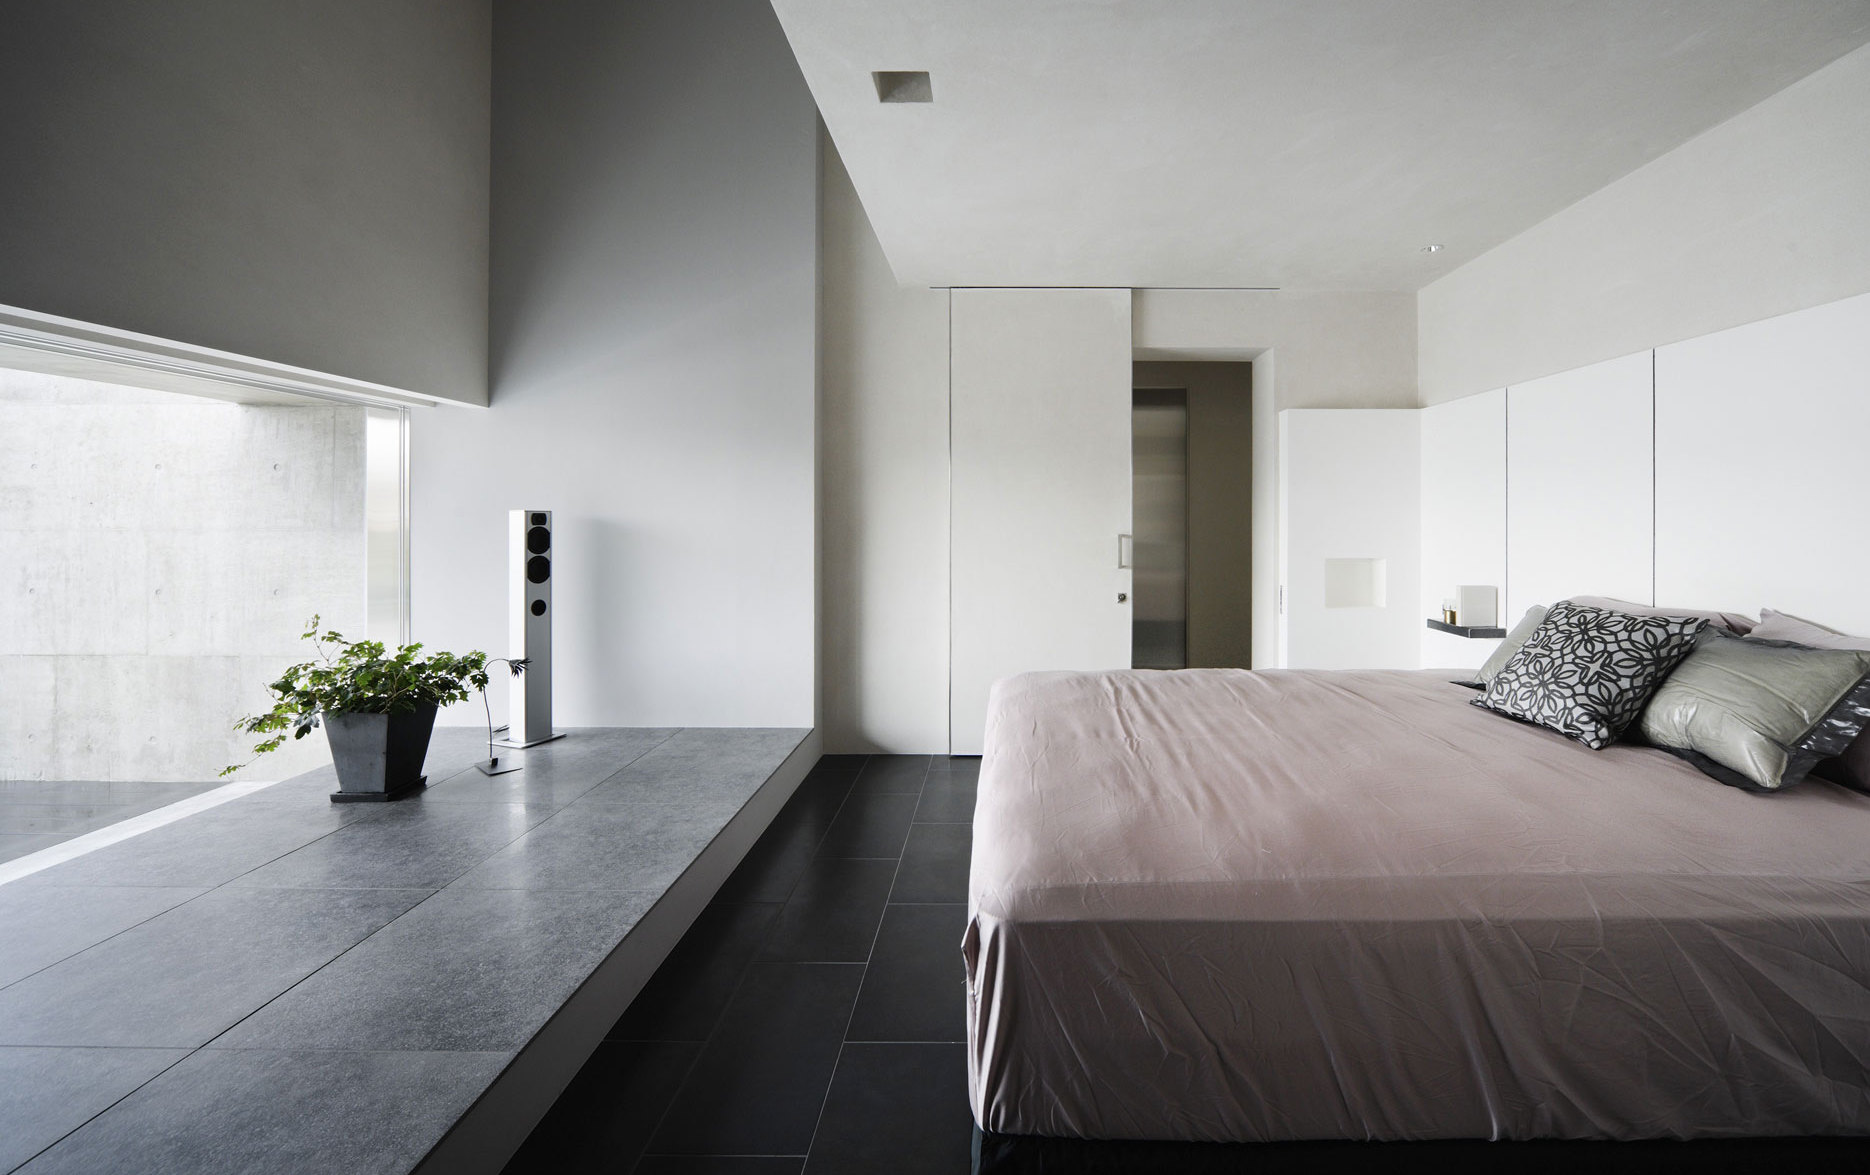 Full Size of Luxus Schlafzimmer Design Mit Schiebetr Wei Loddenkemper Stuhl Für Günstige Teppich Rauch Tapeten Lampen Vorhänge Romantische Betten Sofa Schranksysteme Schlafzimmer Luxus Schlafzimmer